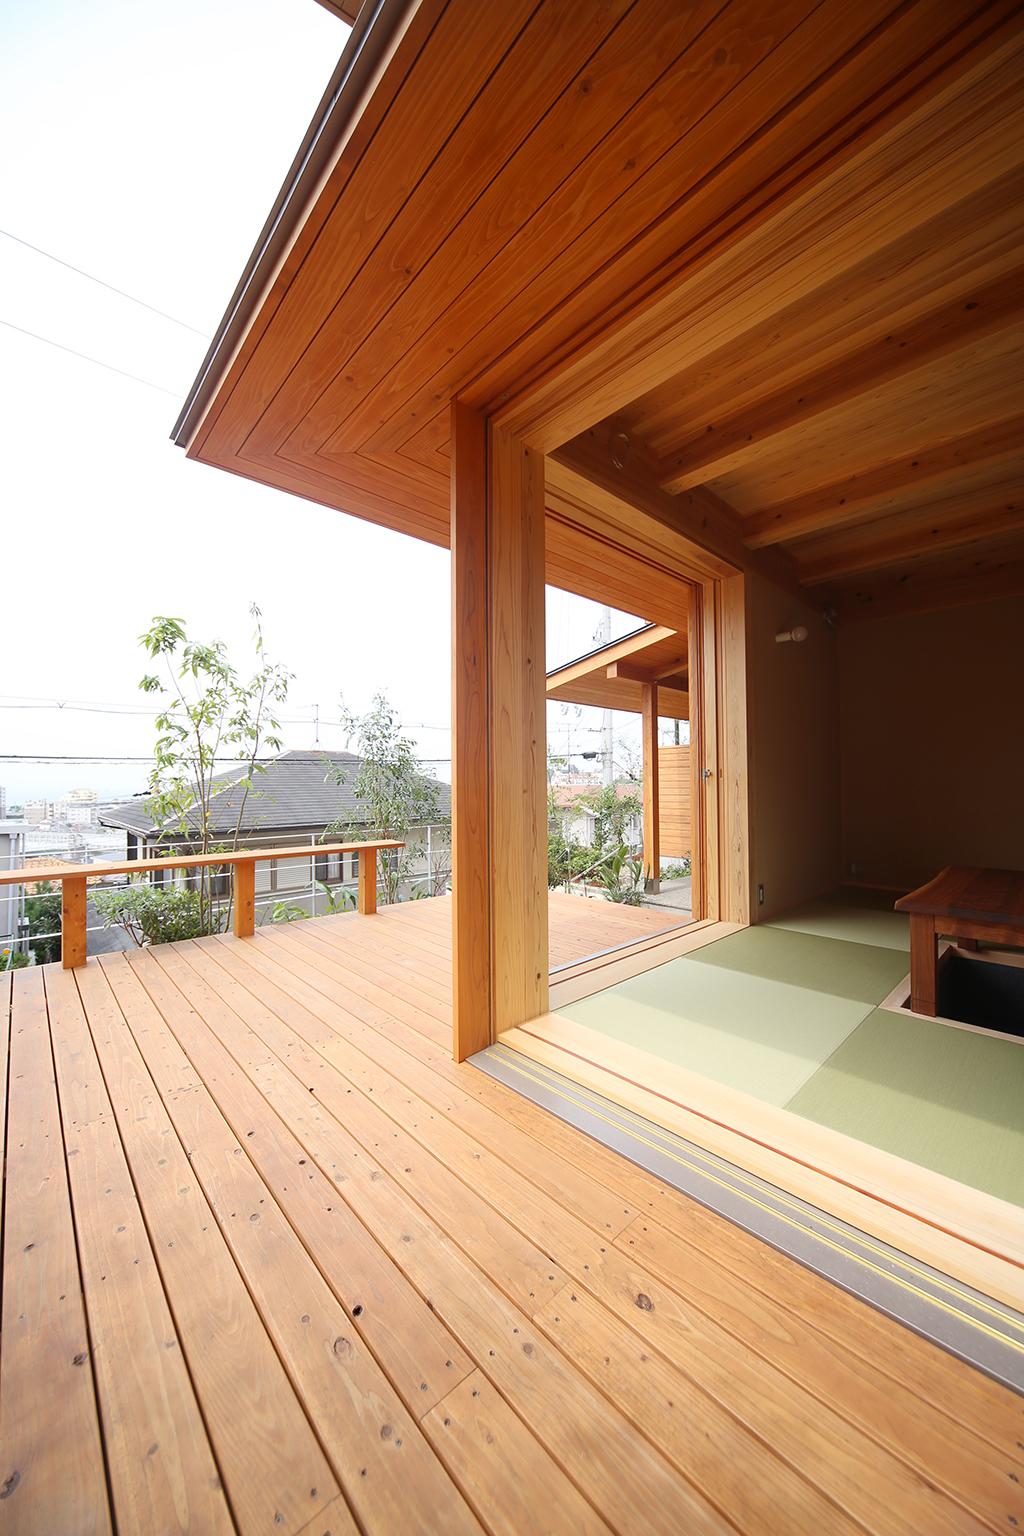 明石市の木の家 デッキからの眺め